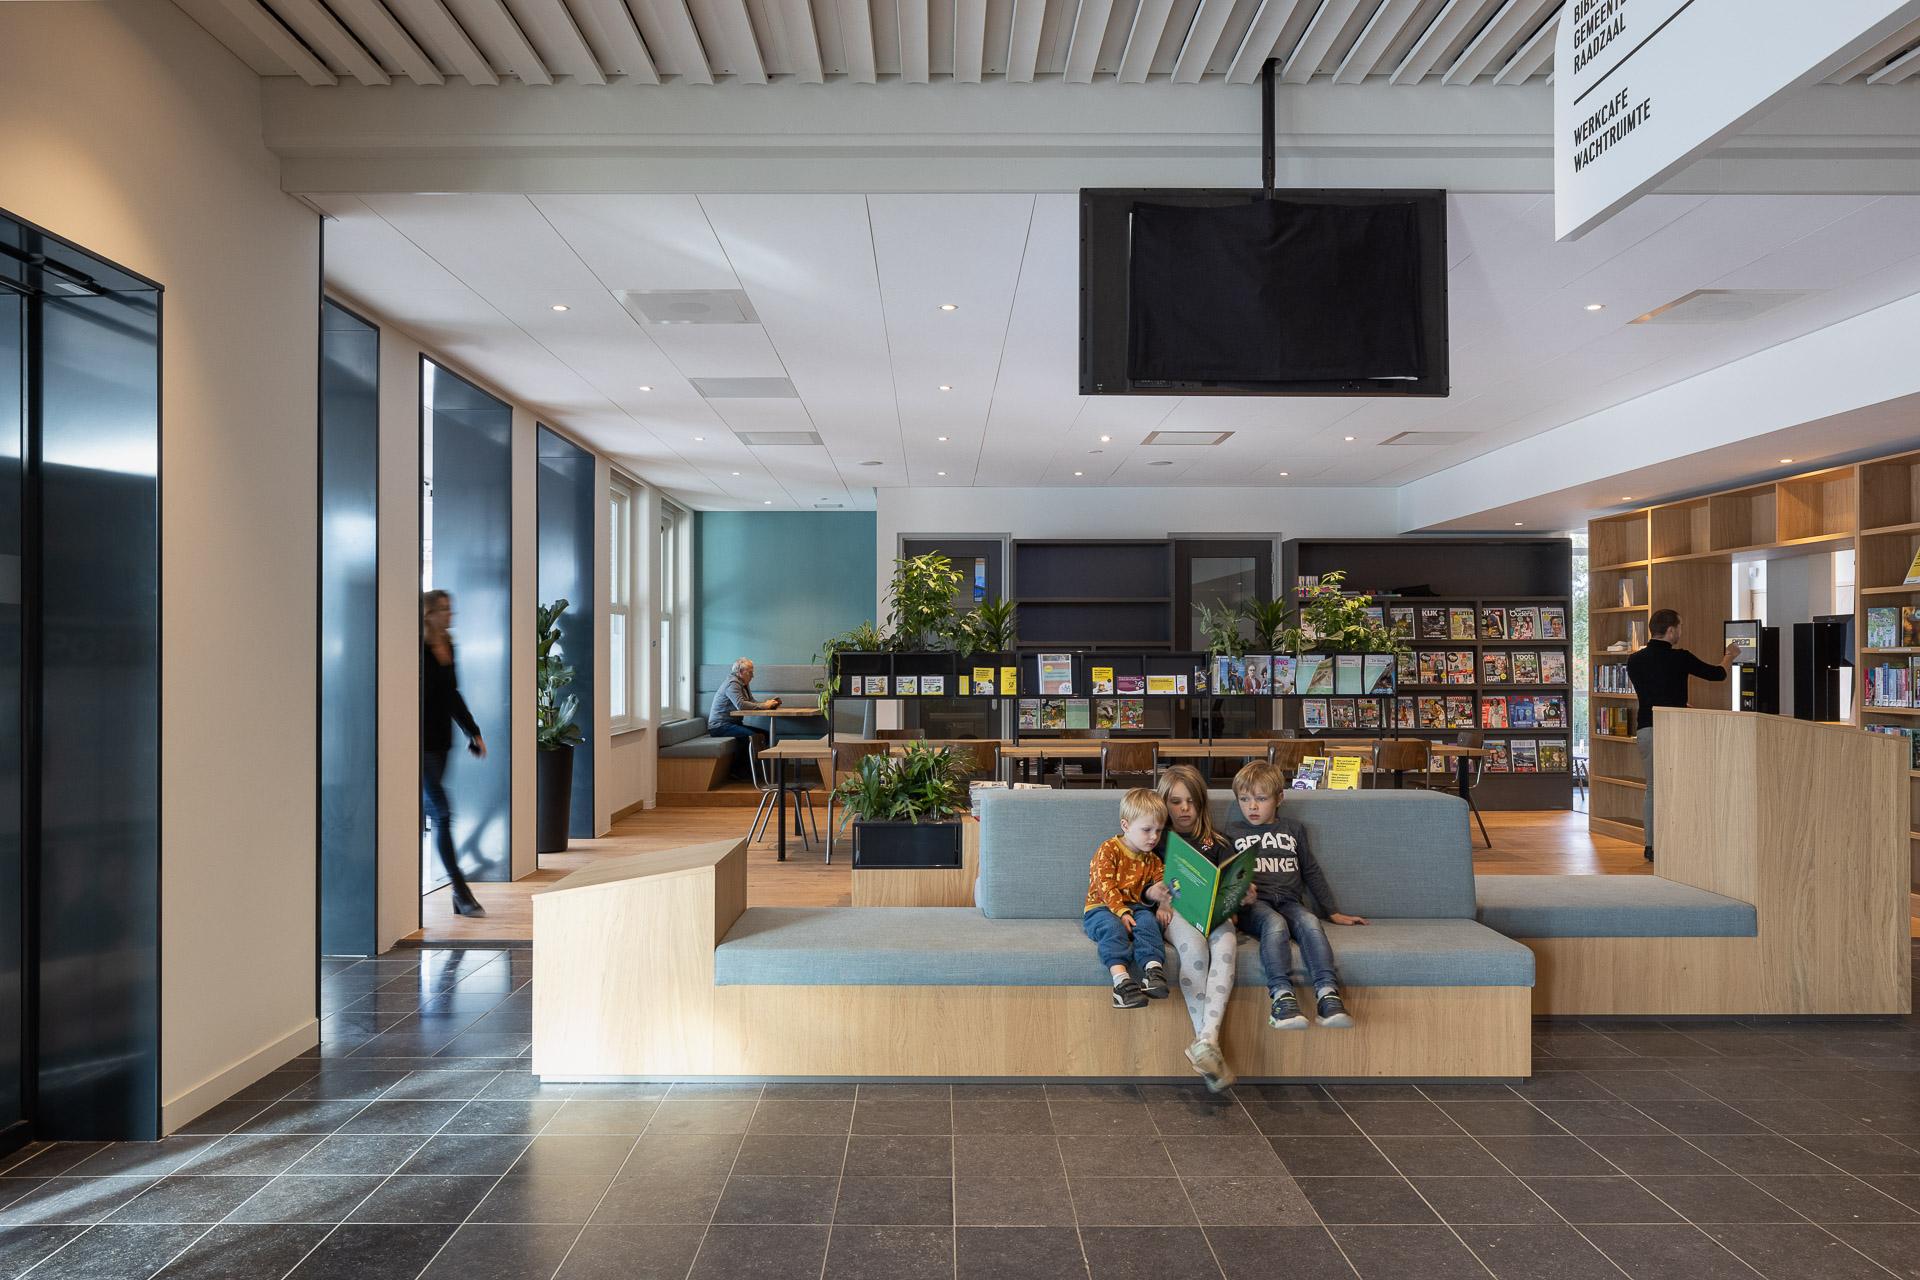 SP2020-Gemeentehuis-Alblasserdam-DP6-Architectuurfoto-interieurfoto-11